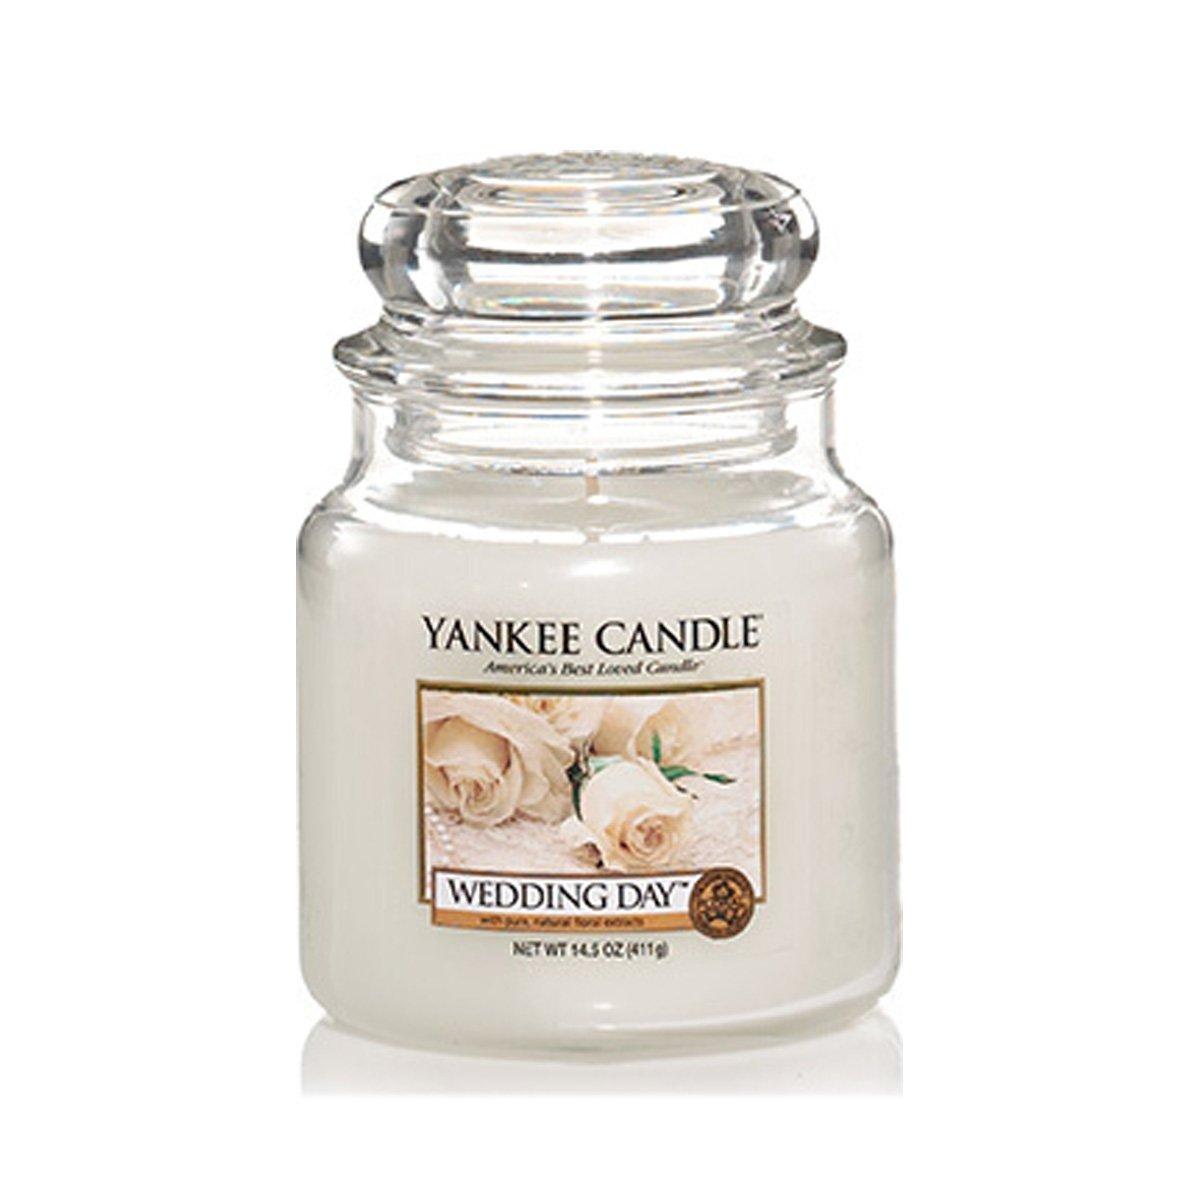 Yankee Candle Medium Jar Candles, Wedding Day: Amazon.co.uk: Kitchen ...